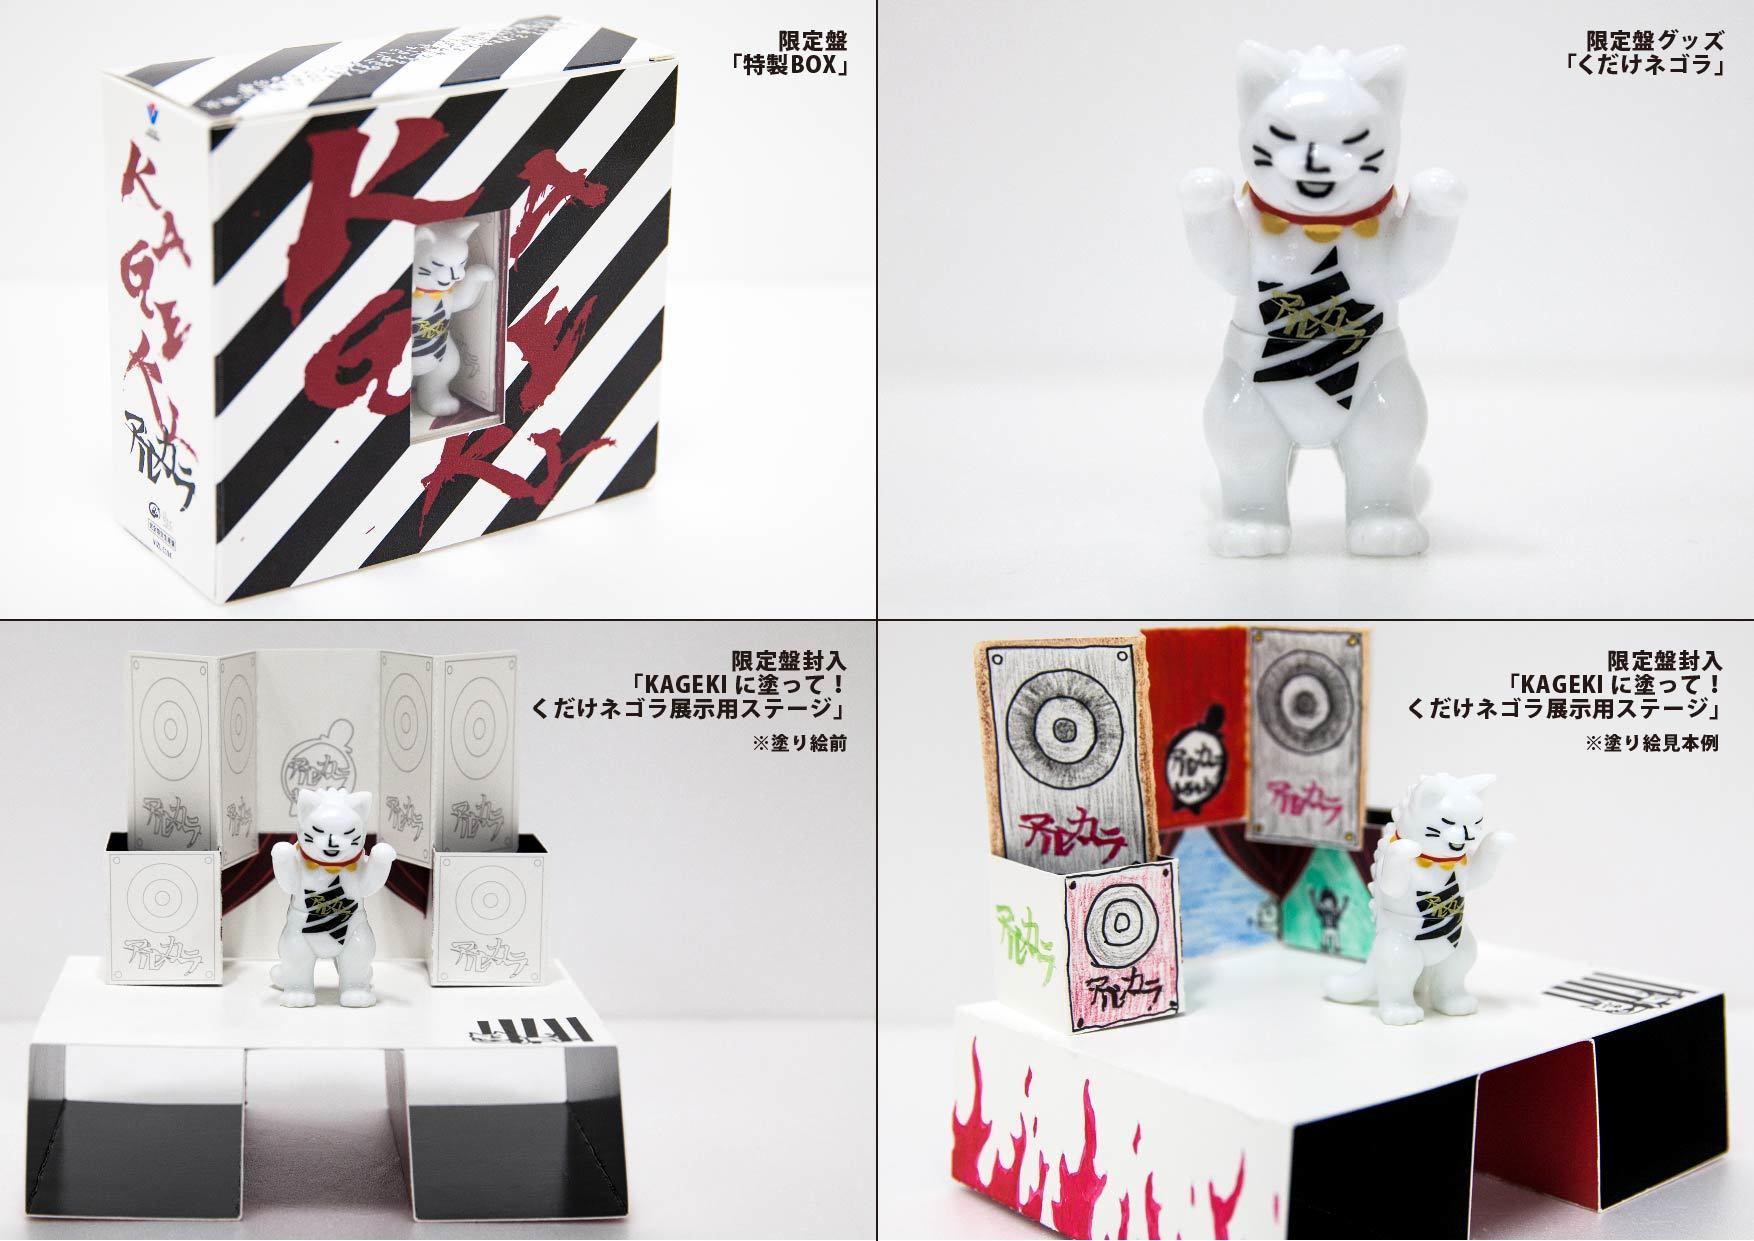 アルカラ 9thアルバム『KAGEKI』完全生産限定盤